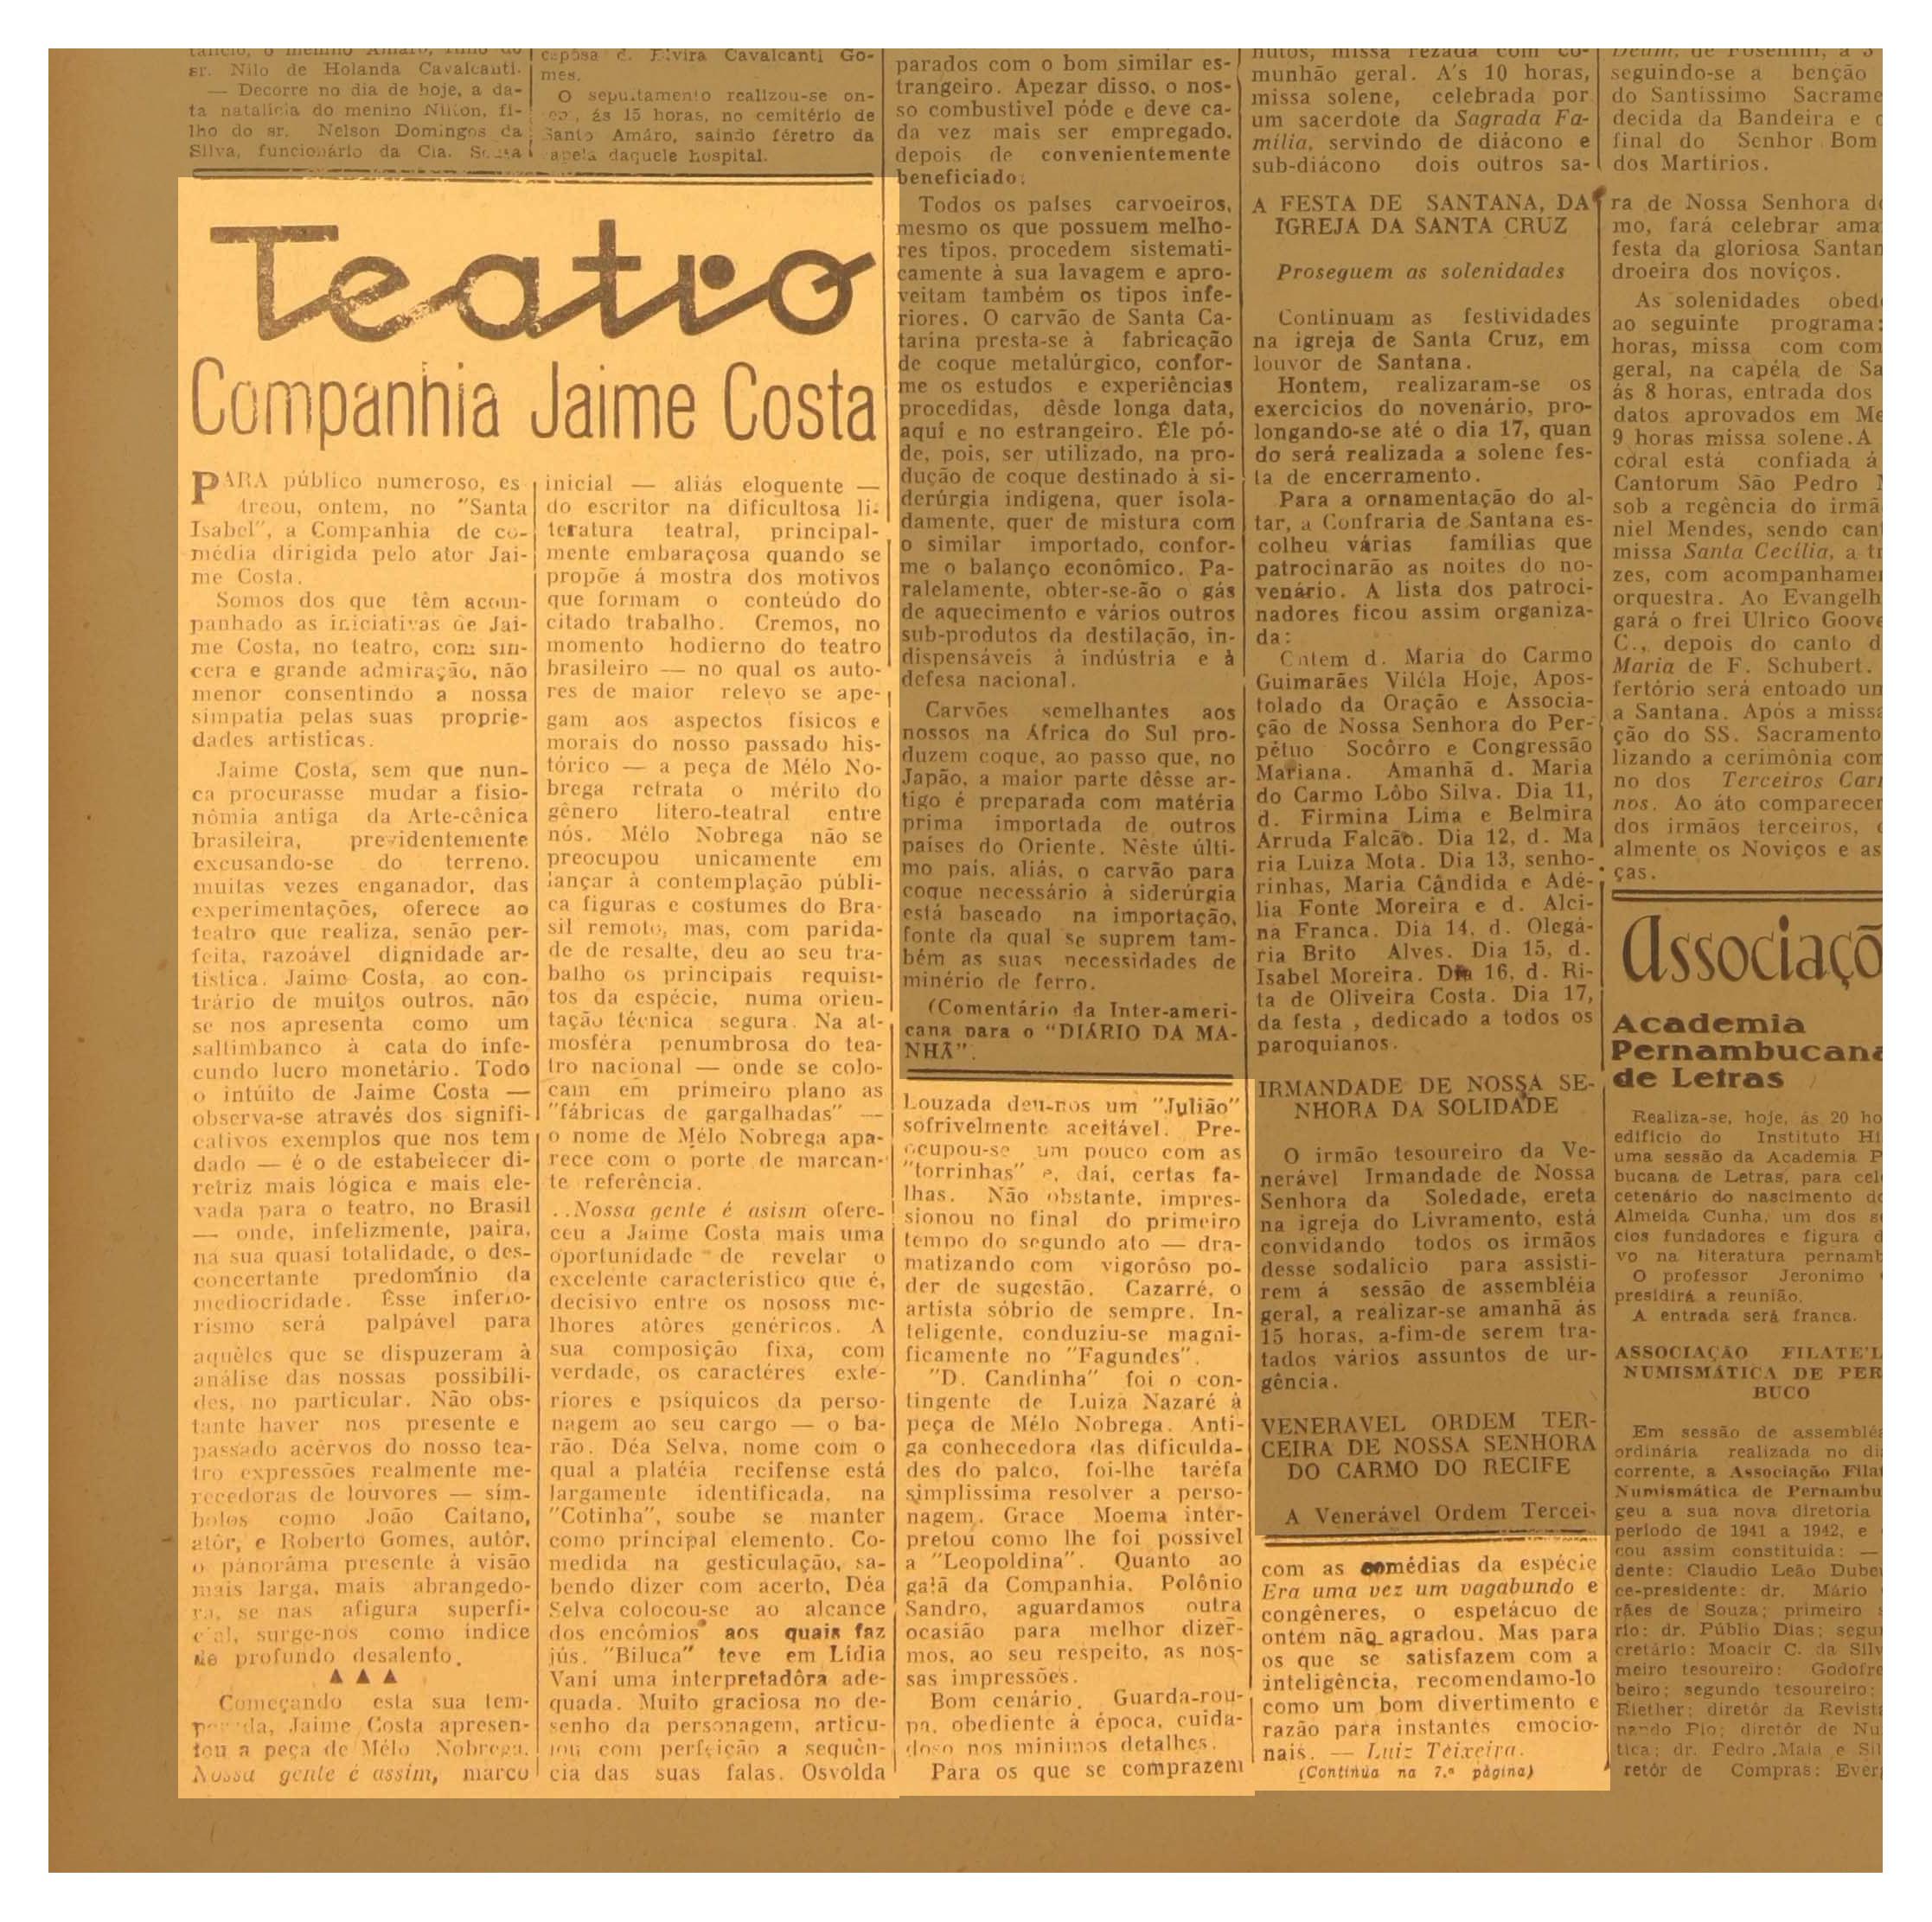 Thereza-Graça-1941-08-09_DiárioDaManhã_Recife-PE-2-copy.jpg